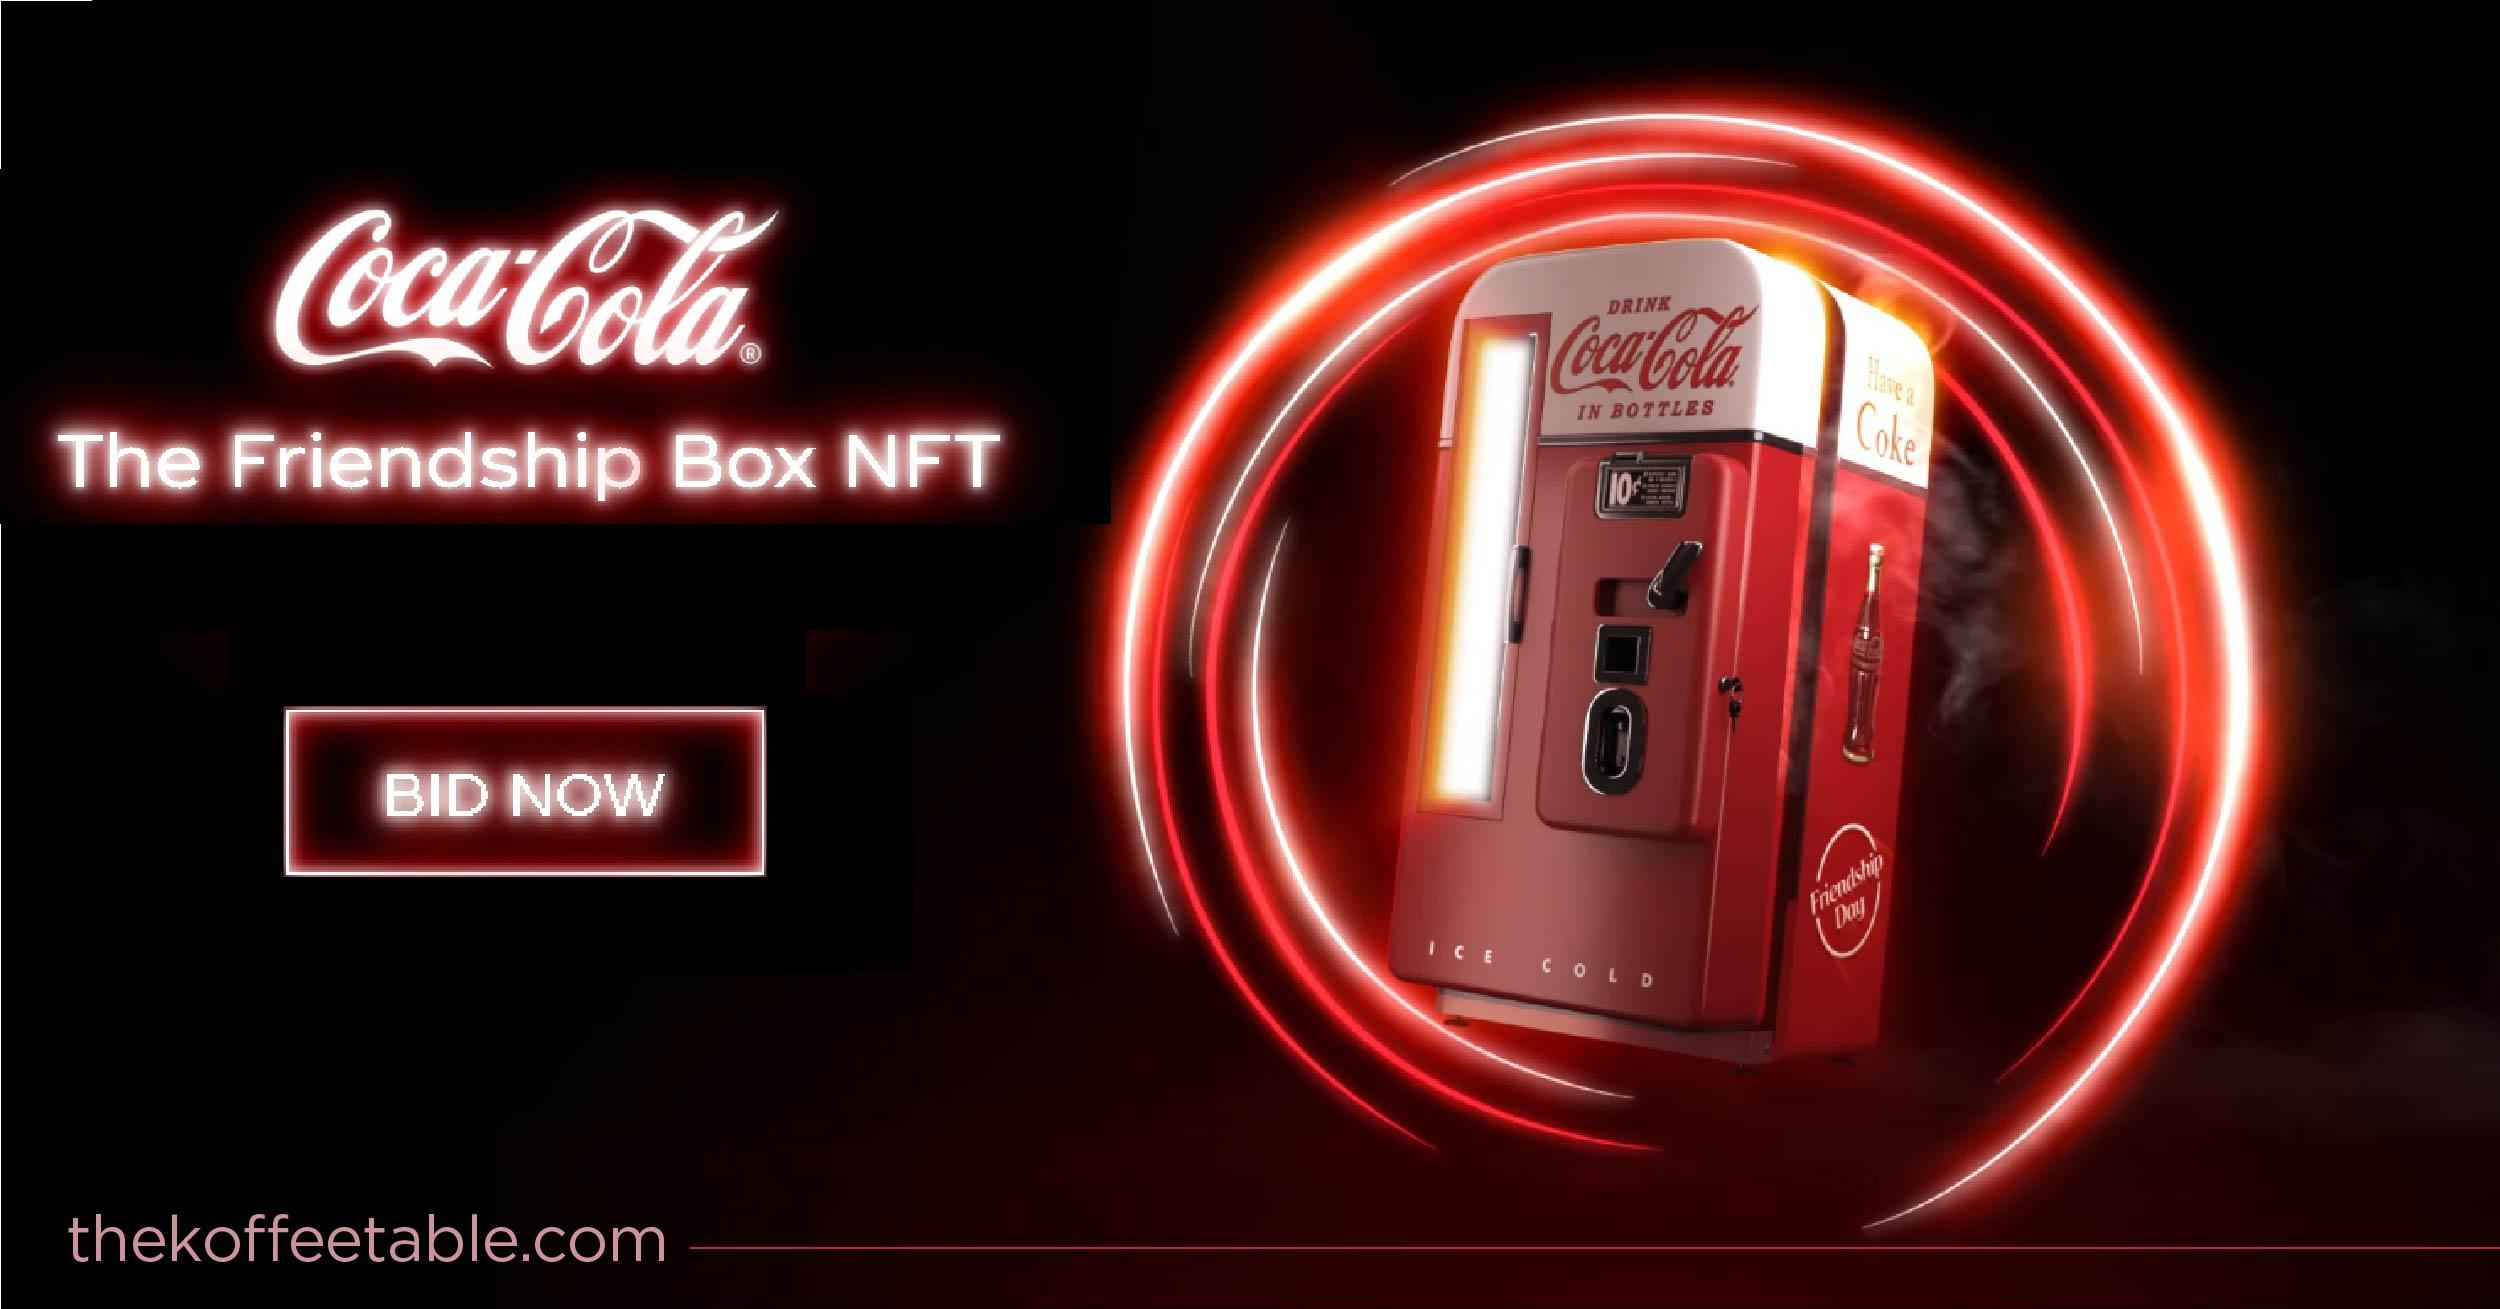 coca cola nft auction